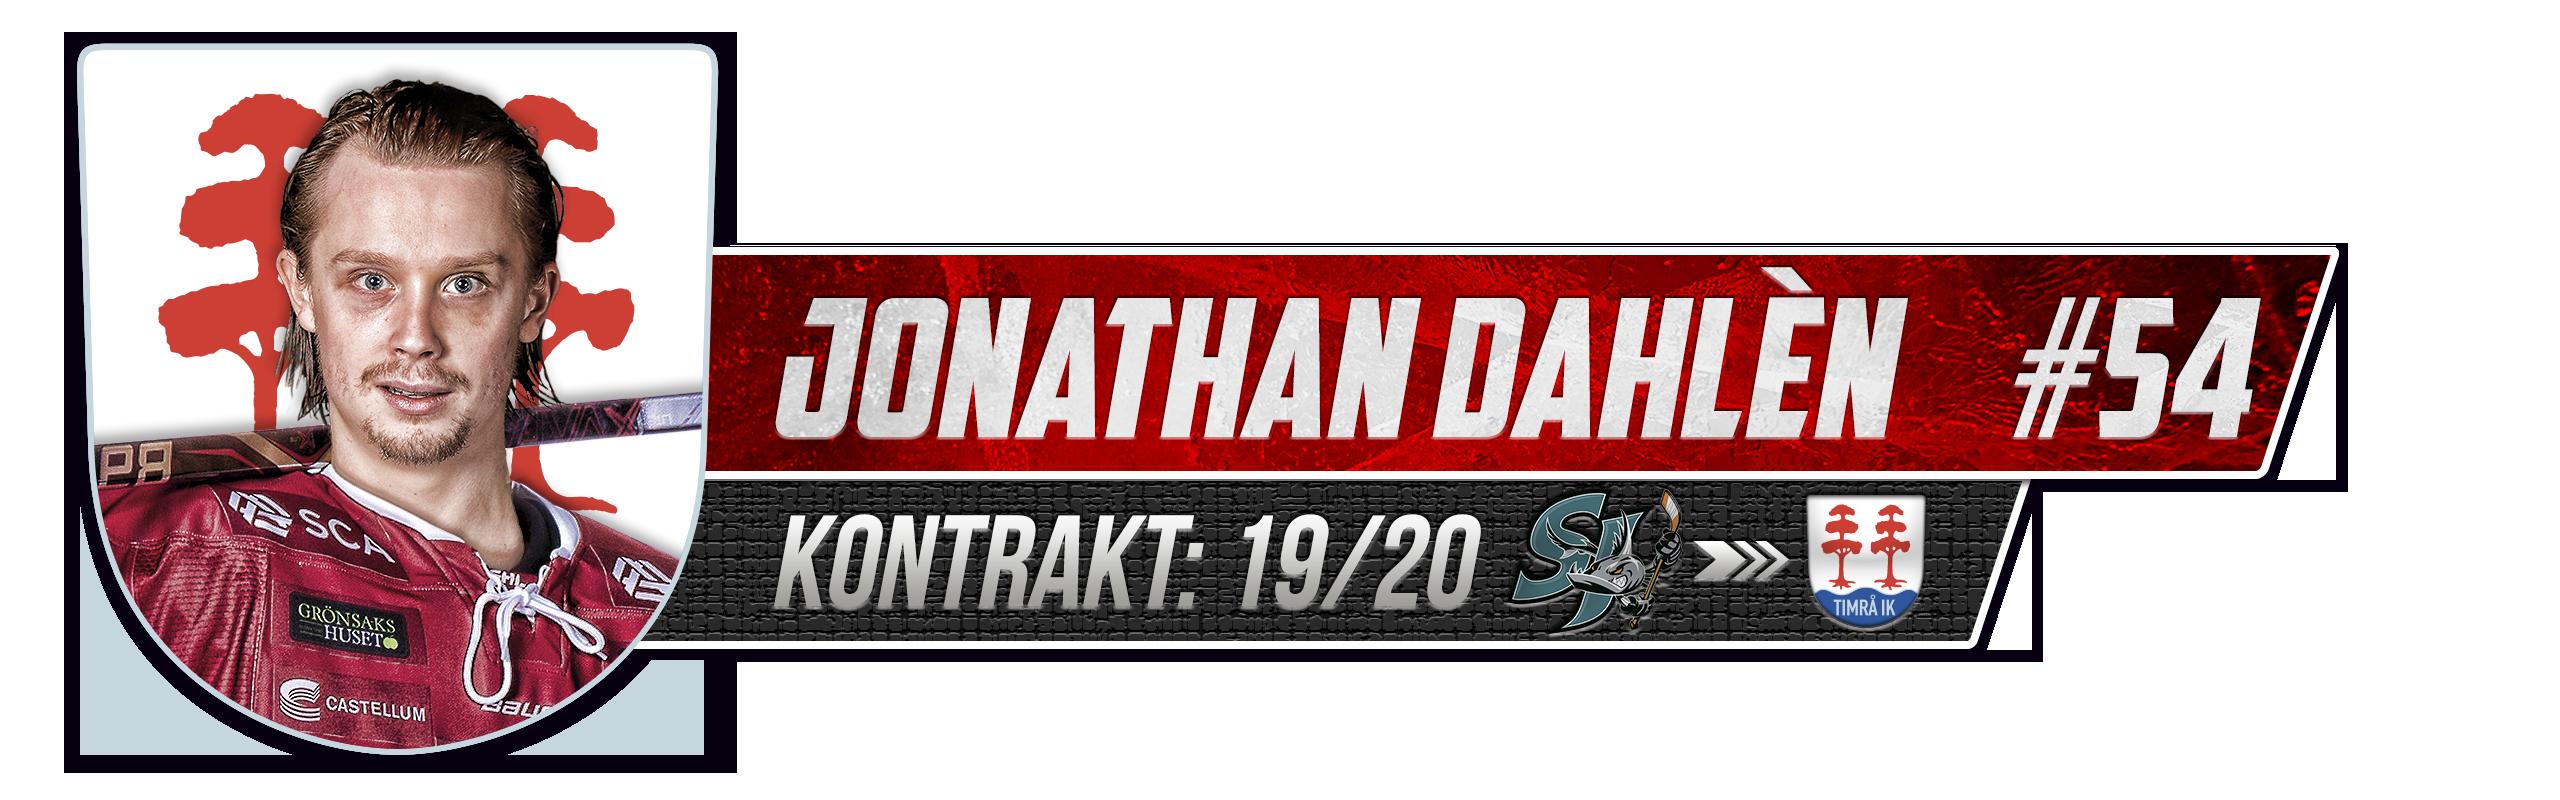 Jonathan Dahlén